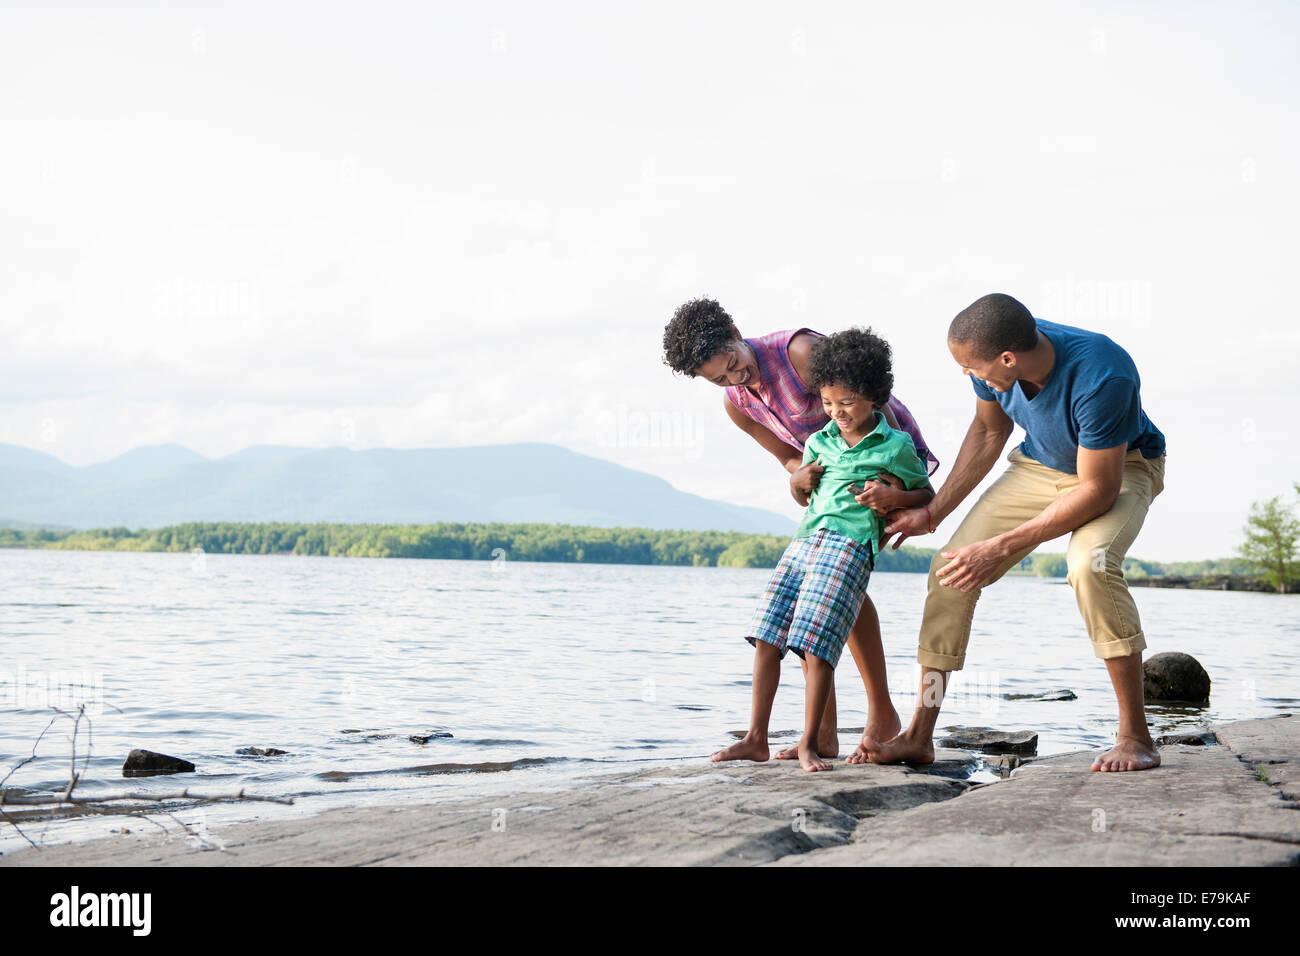 Une famille, mère, père et fils jouent sur les rives d'un lac. Photo Stock